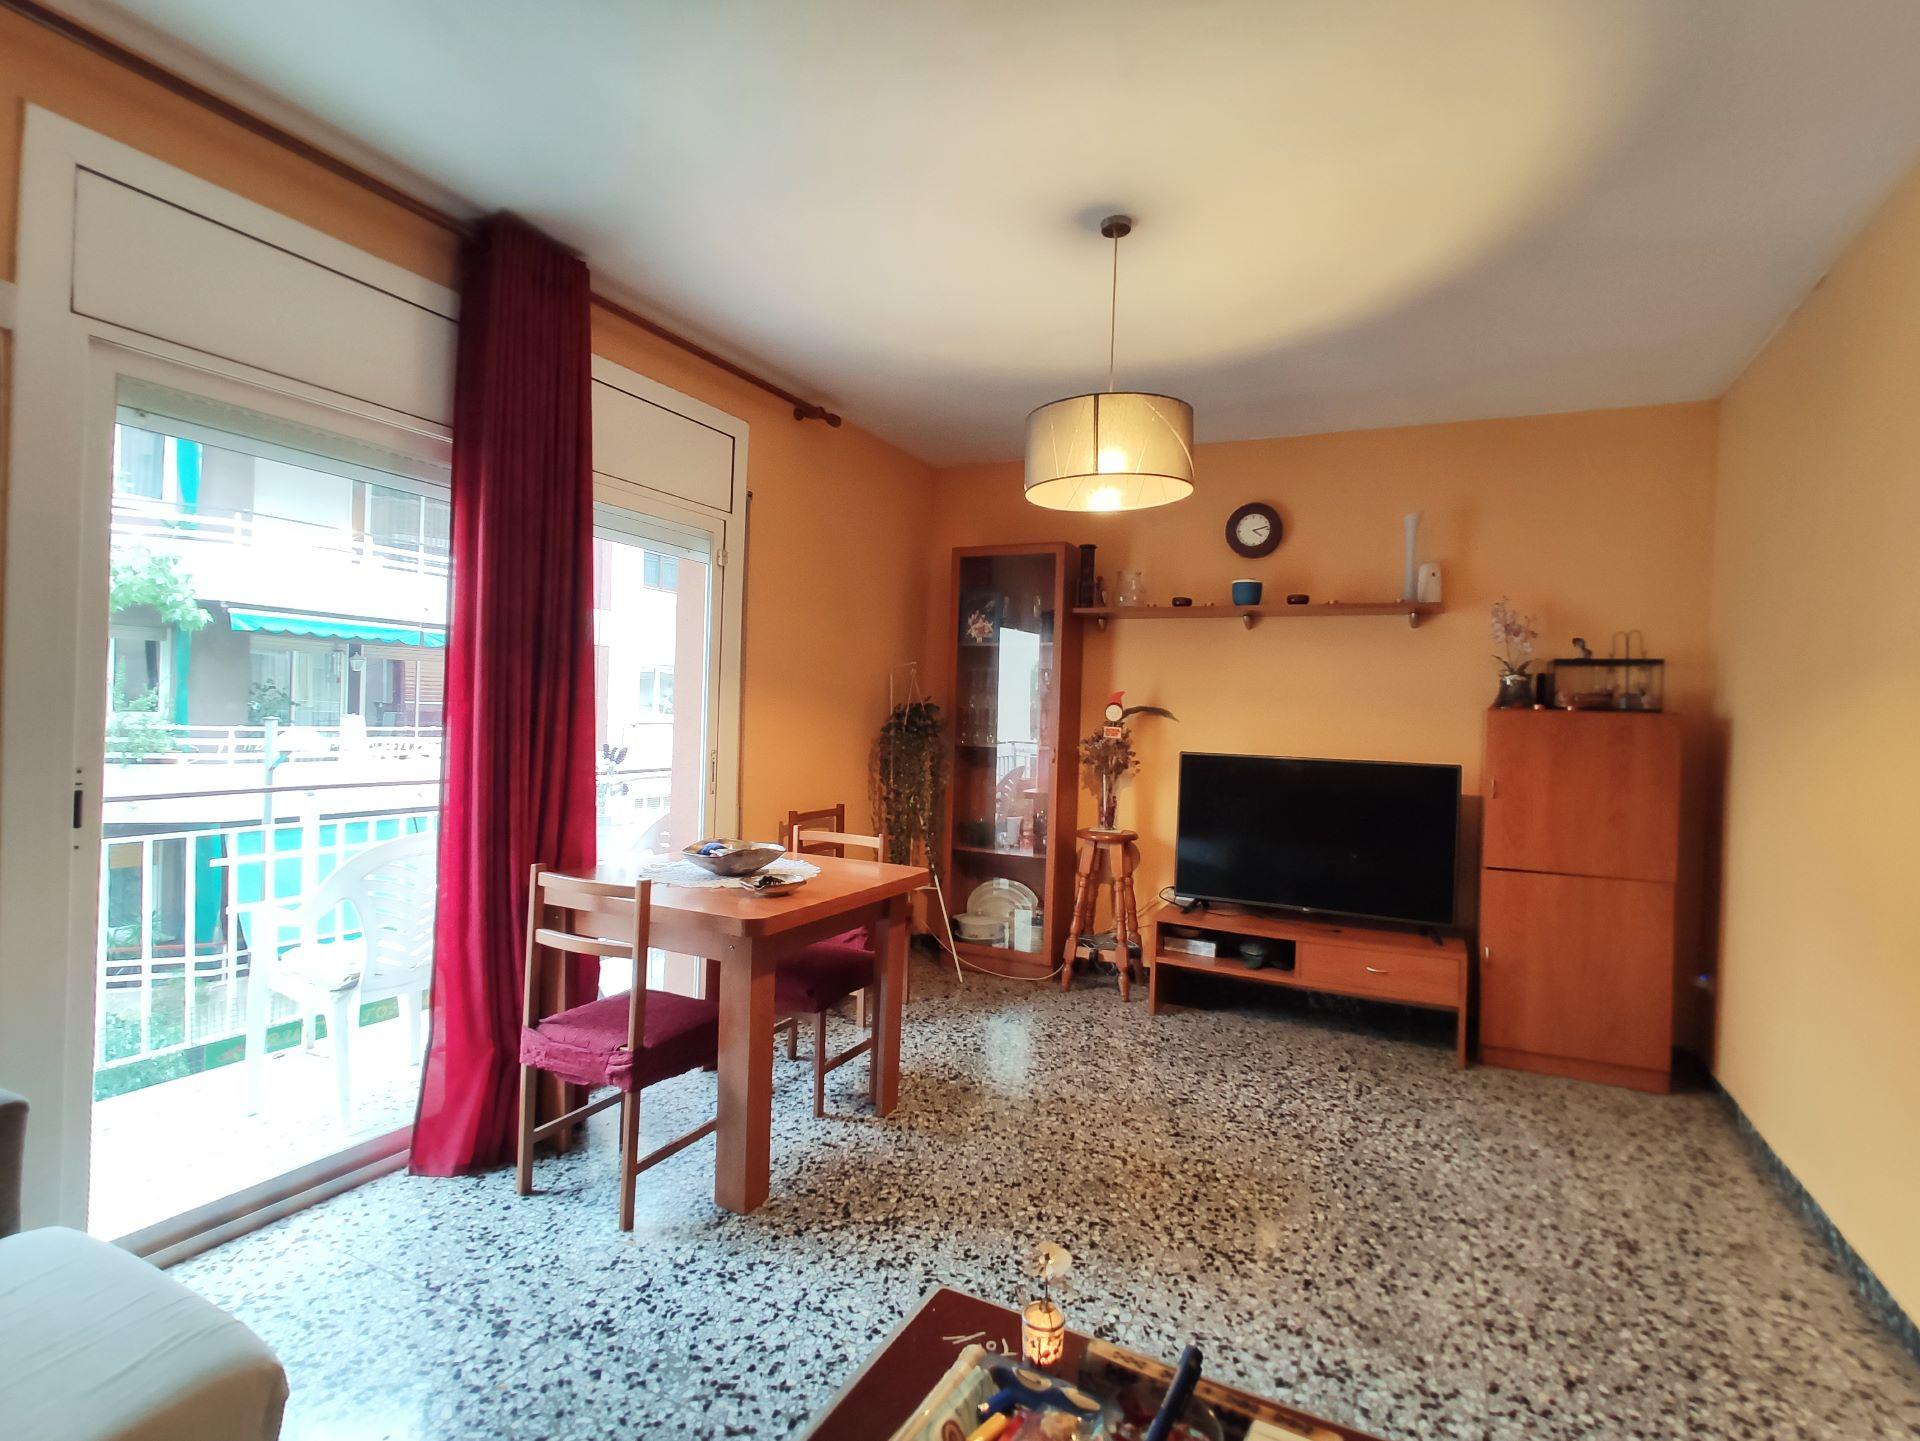 Piso en Vilanova i la Geltrú, CENTRE-VILA, venta